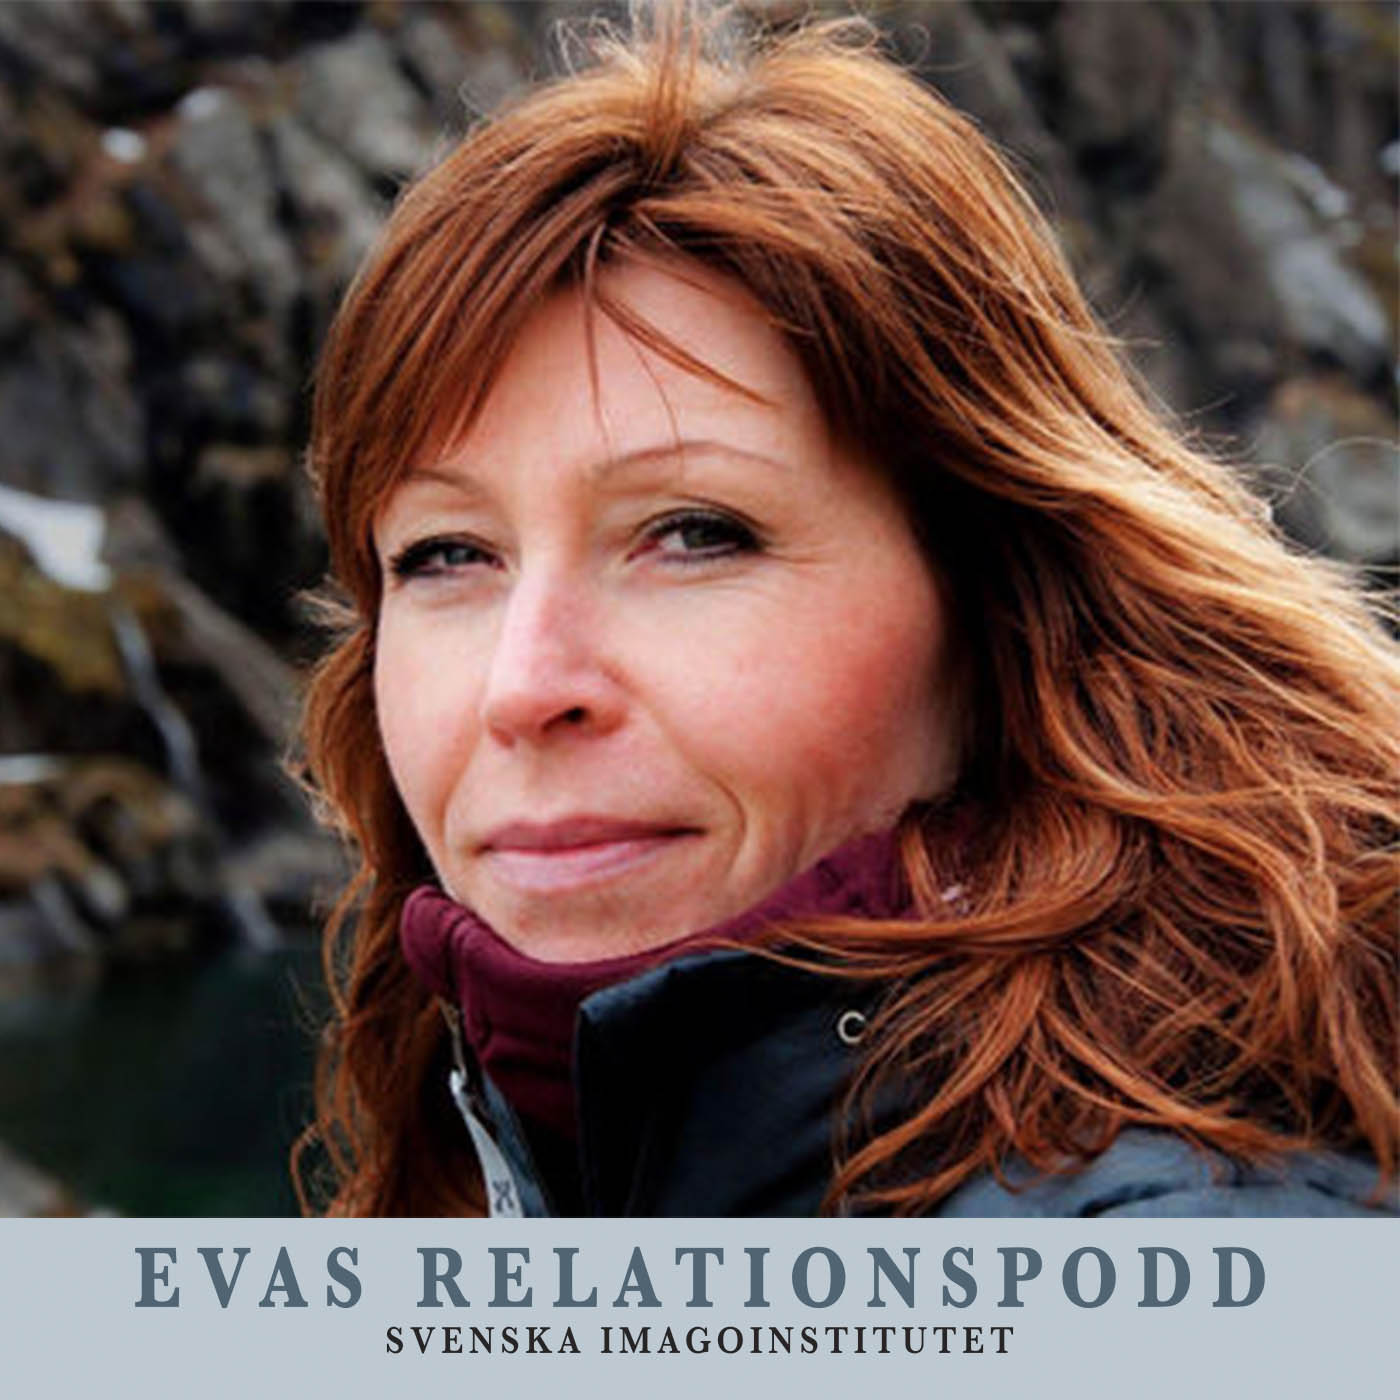 #133 - Eva Berlander möter samtalsterapeuten Katarina Svedberg